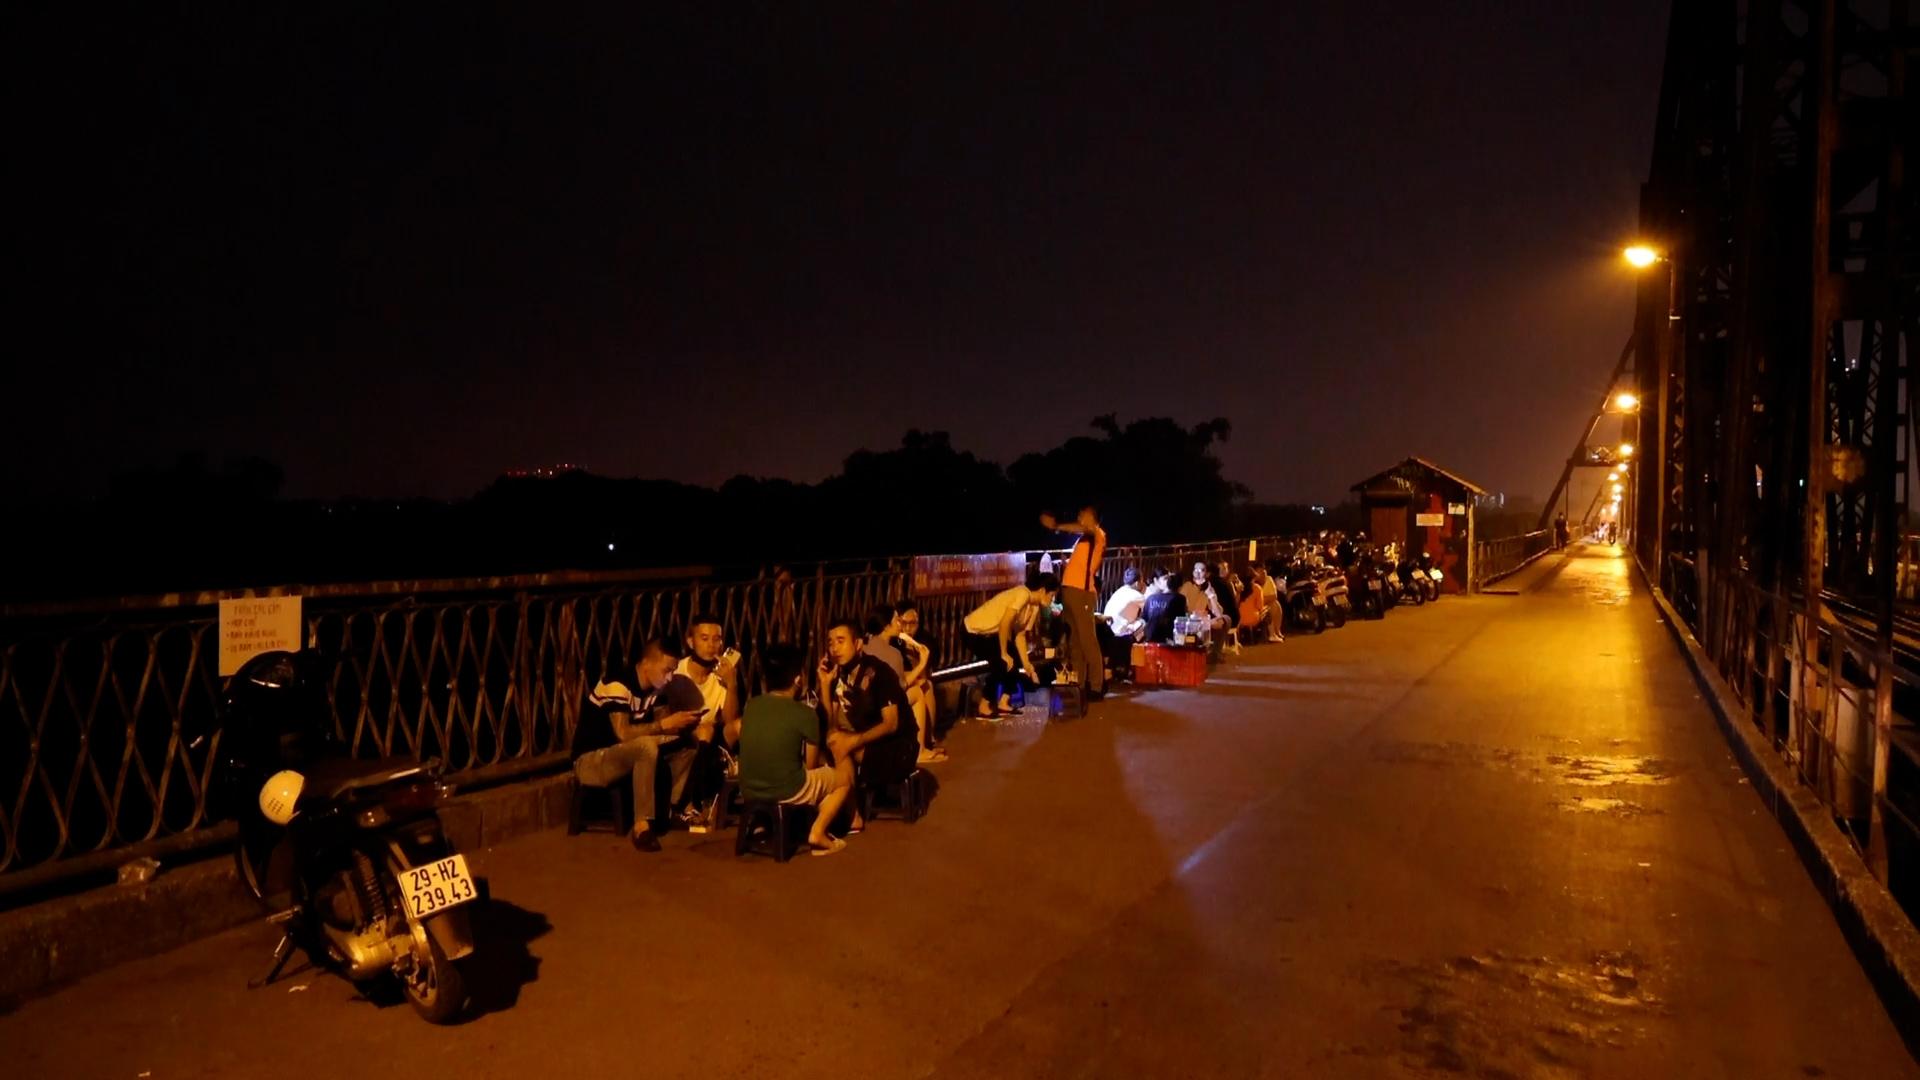 Hà Nội: Bất chấp lệnh cấm, nhiều quán trà đá ngang nhiên mở trên Cầu Long Biên - Ảnh 3.